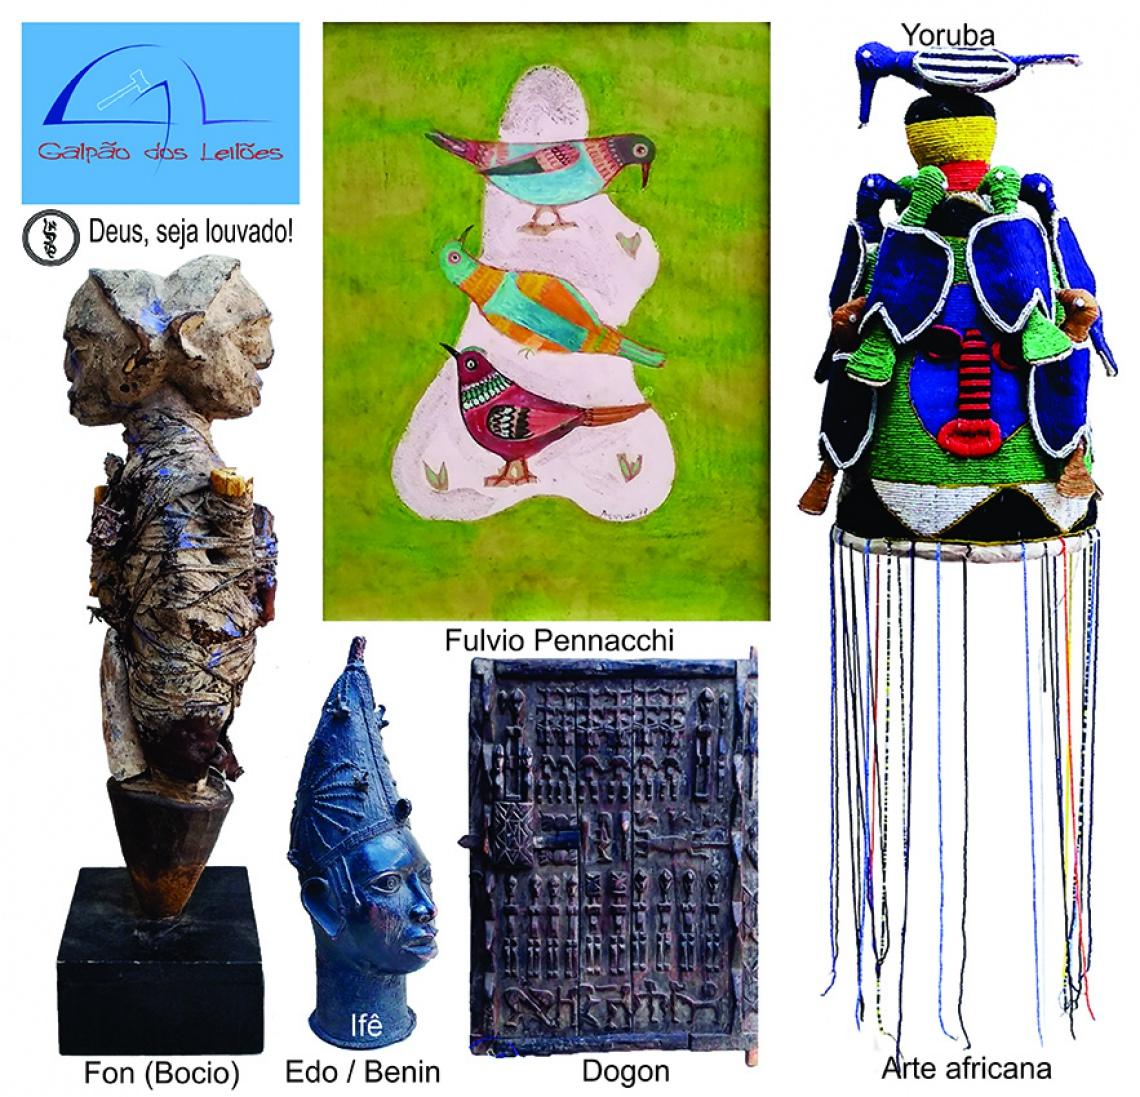 LEILÃO DE ARTE, CURIOSIDADES e DECORAÇÃO (destaque p/ Colecionismo e Tribal Africana) - 18 e 20/4/20